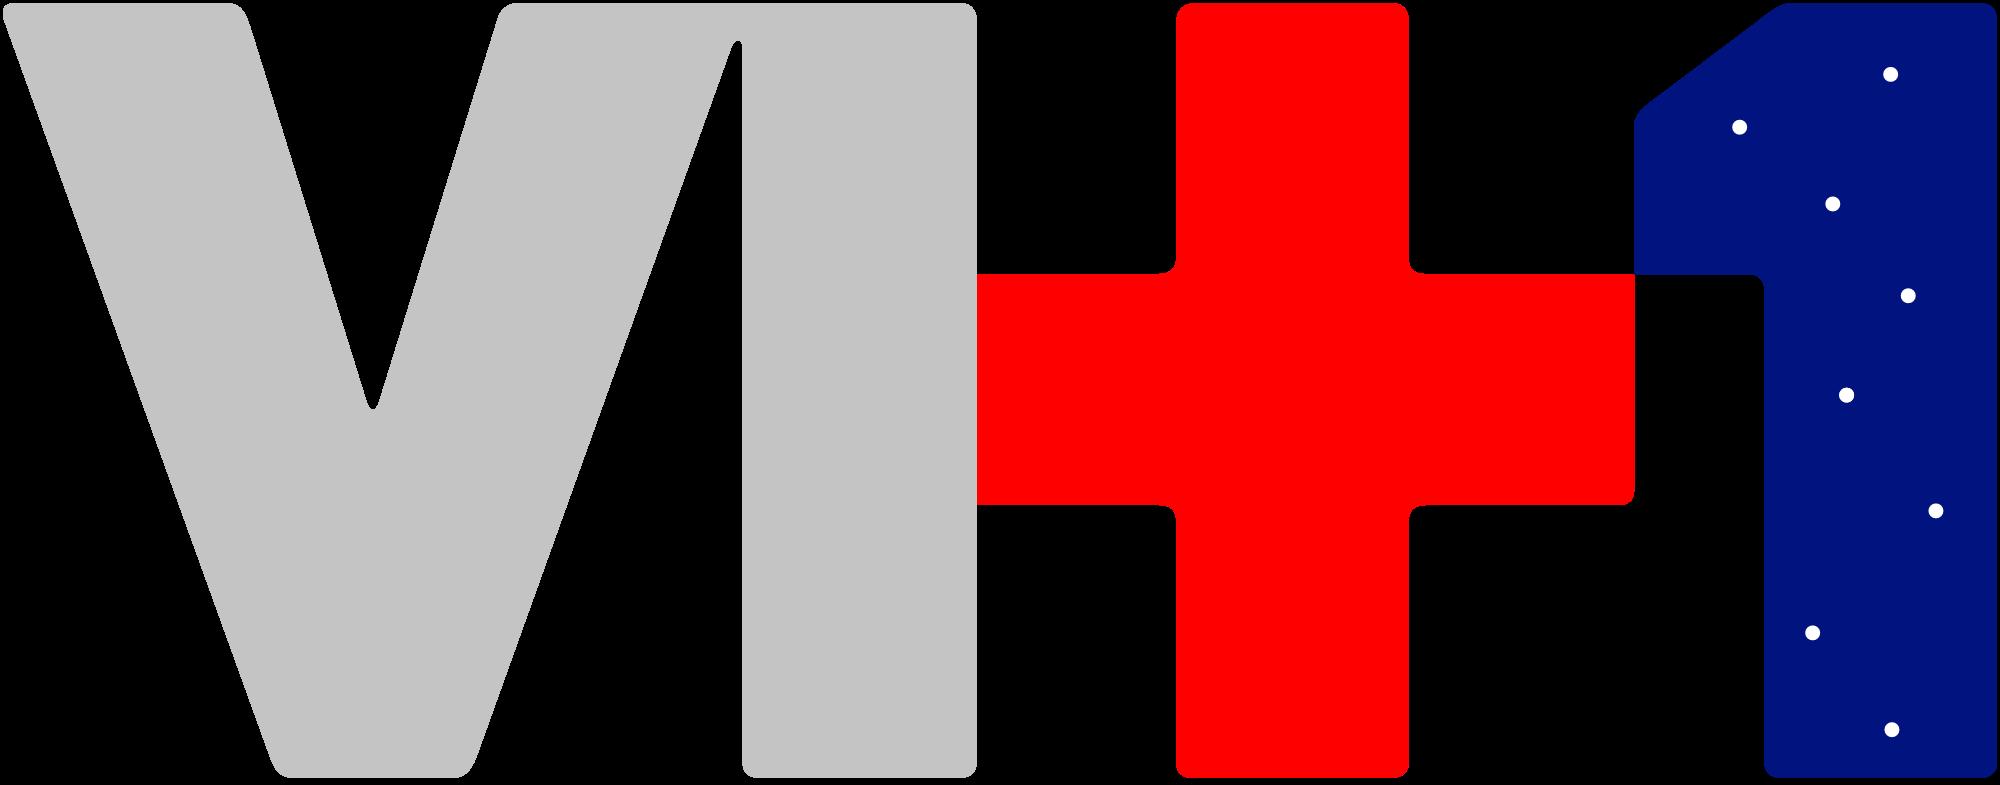 VH1 — Wikipédia